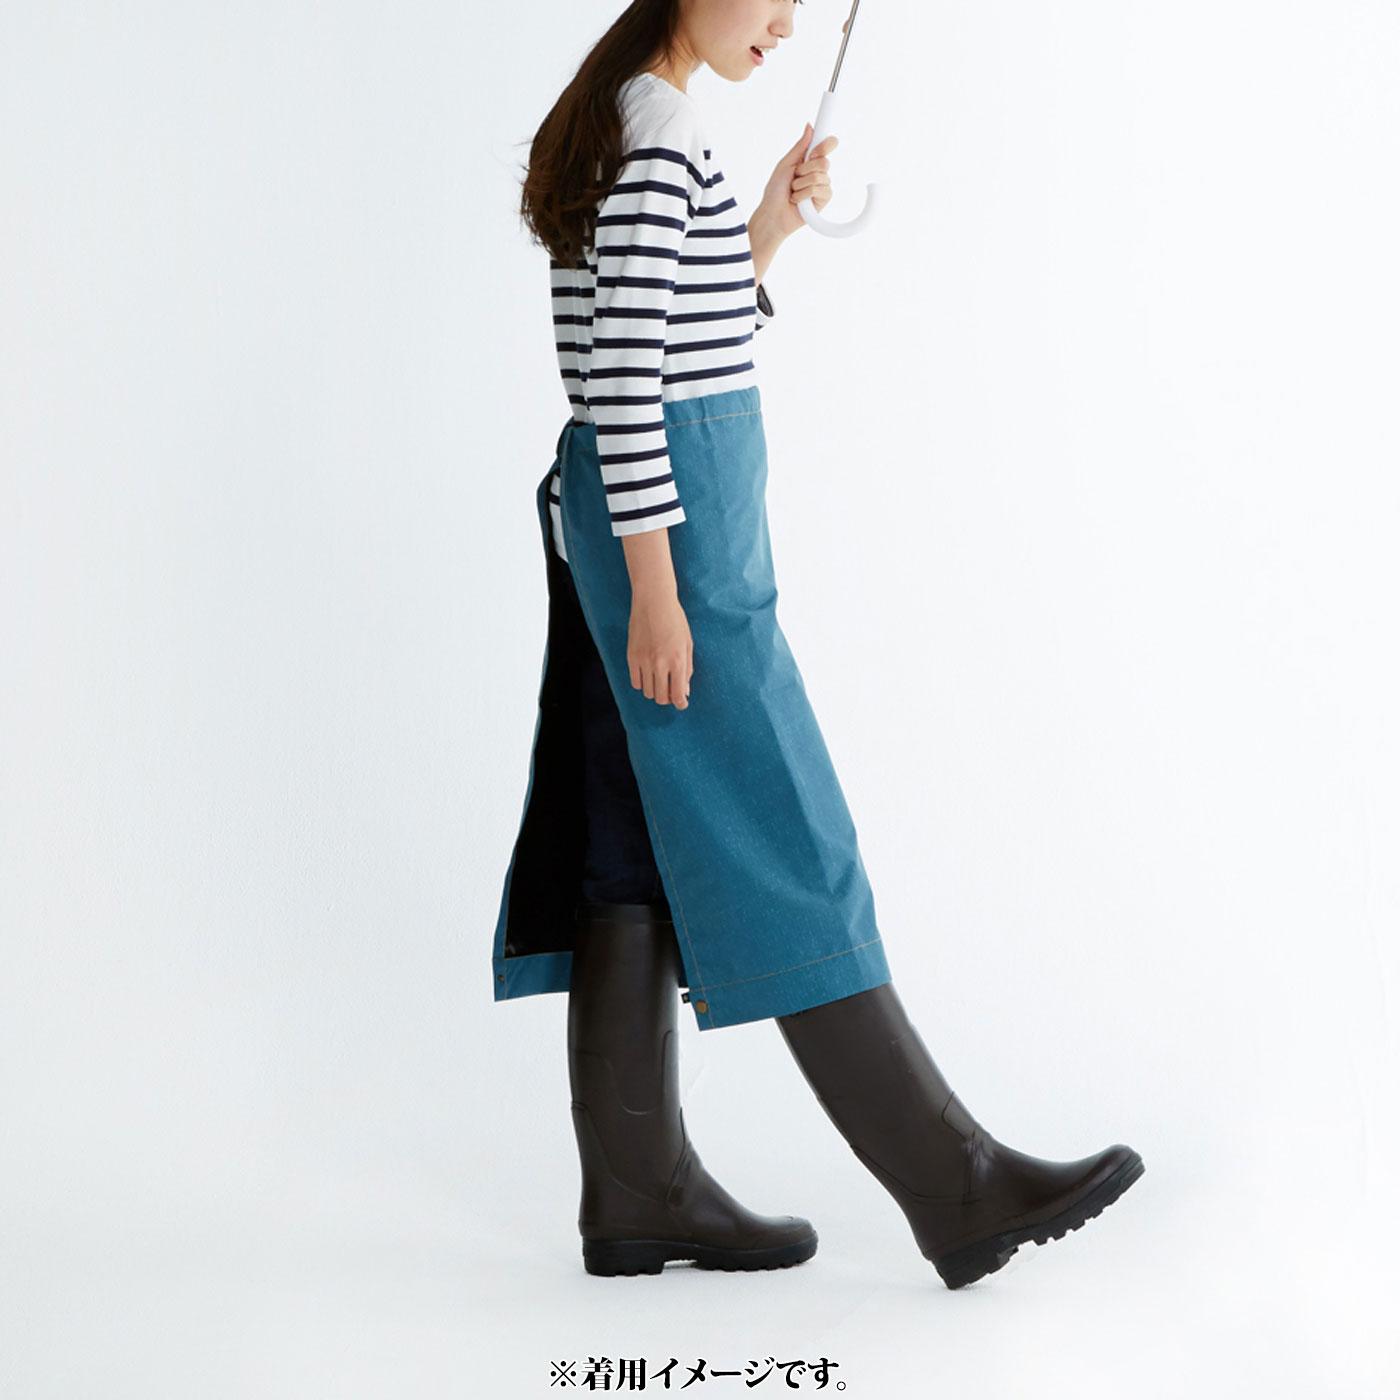 これは参考画像です。無防備な下半身を、スカート風にしてカバー。